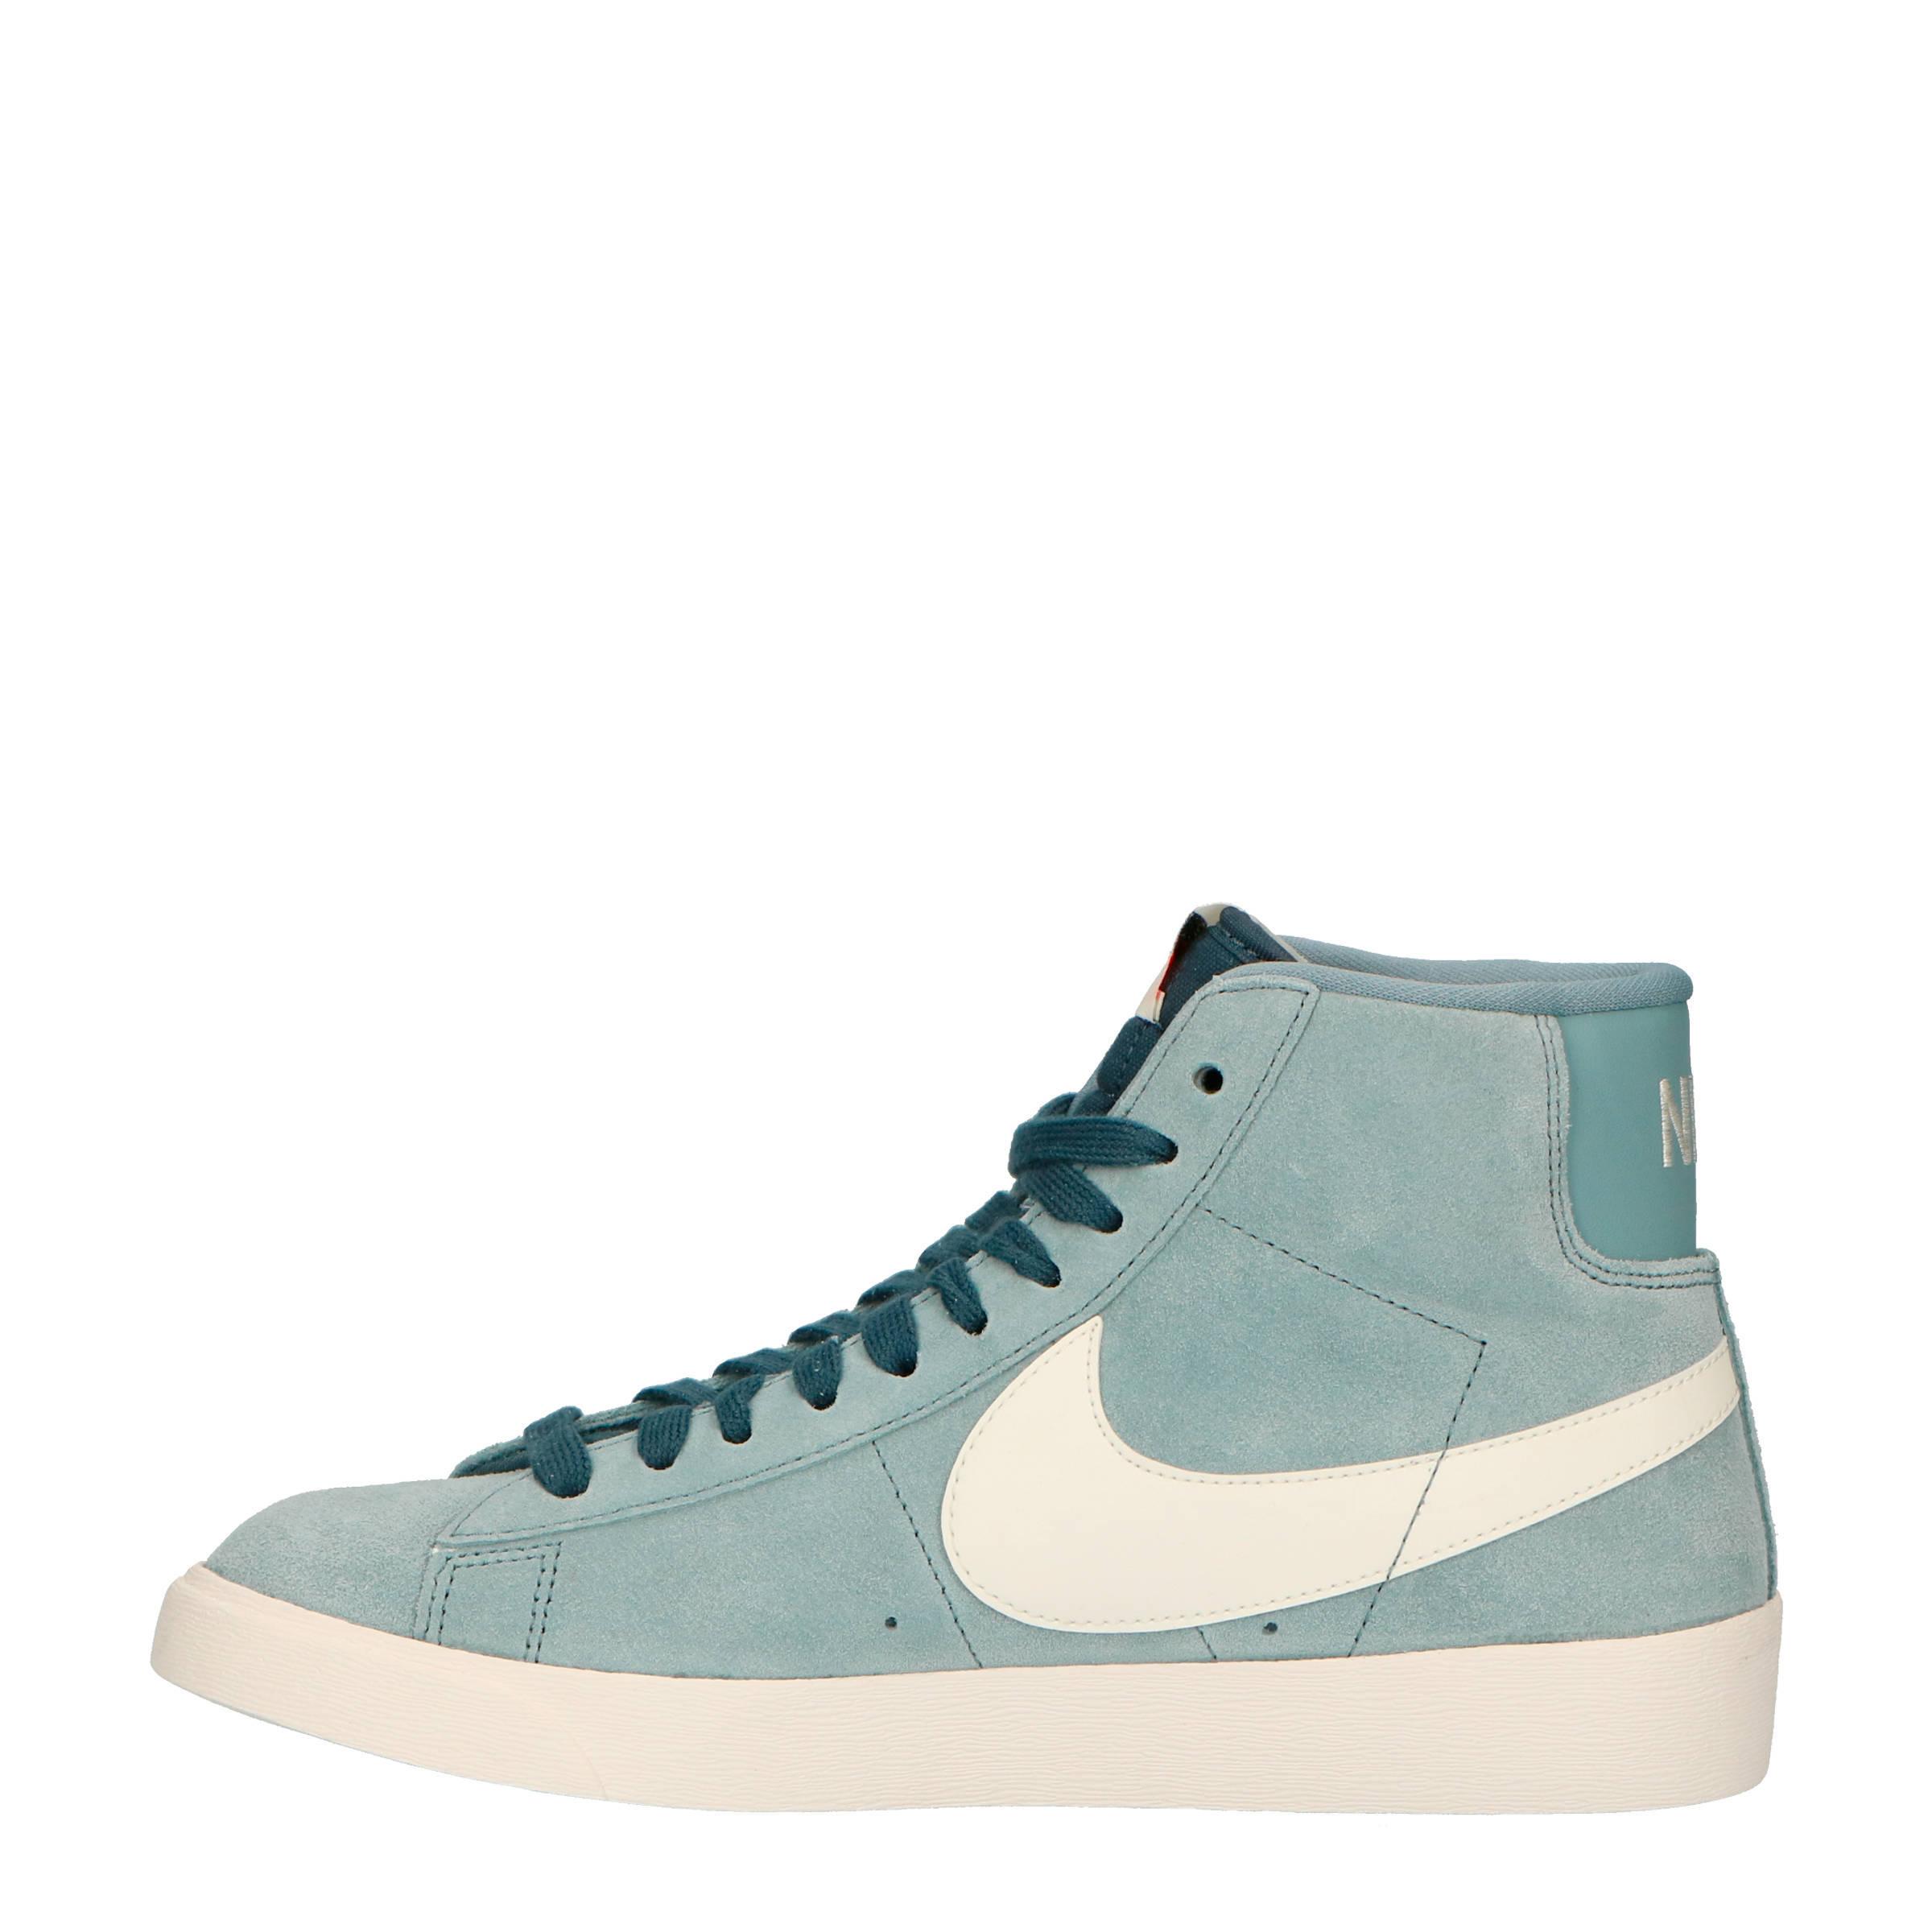 promo code 5aaf5 9a7b7 Nike W Blazer Mid Vintage Age suède sneakers   wehkamp